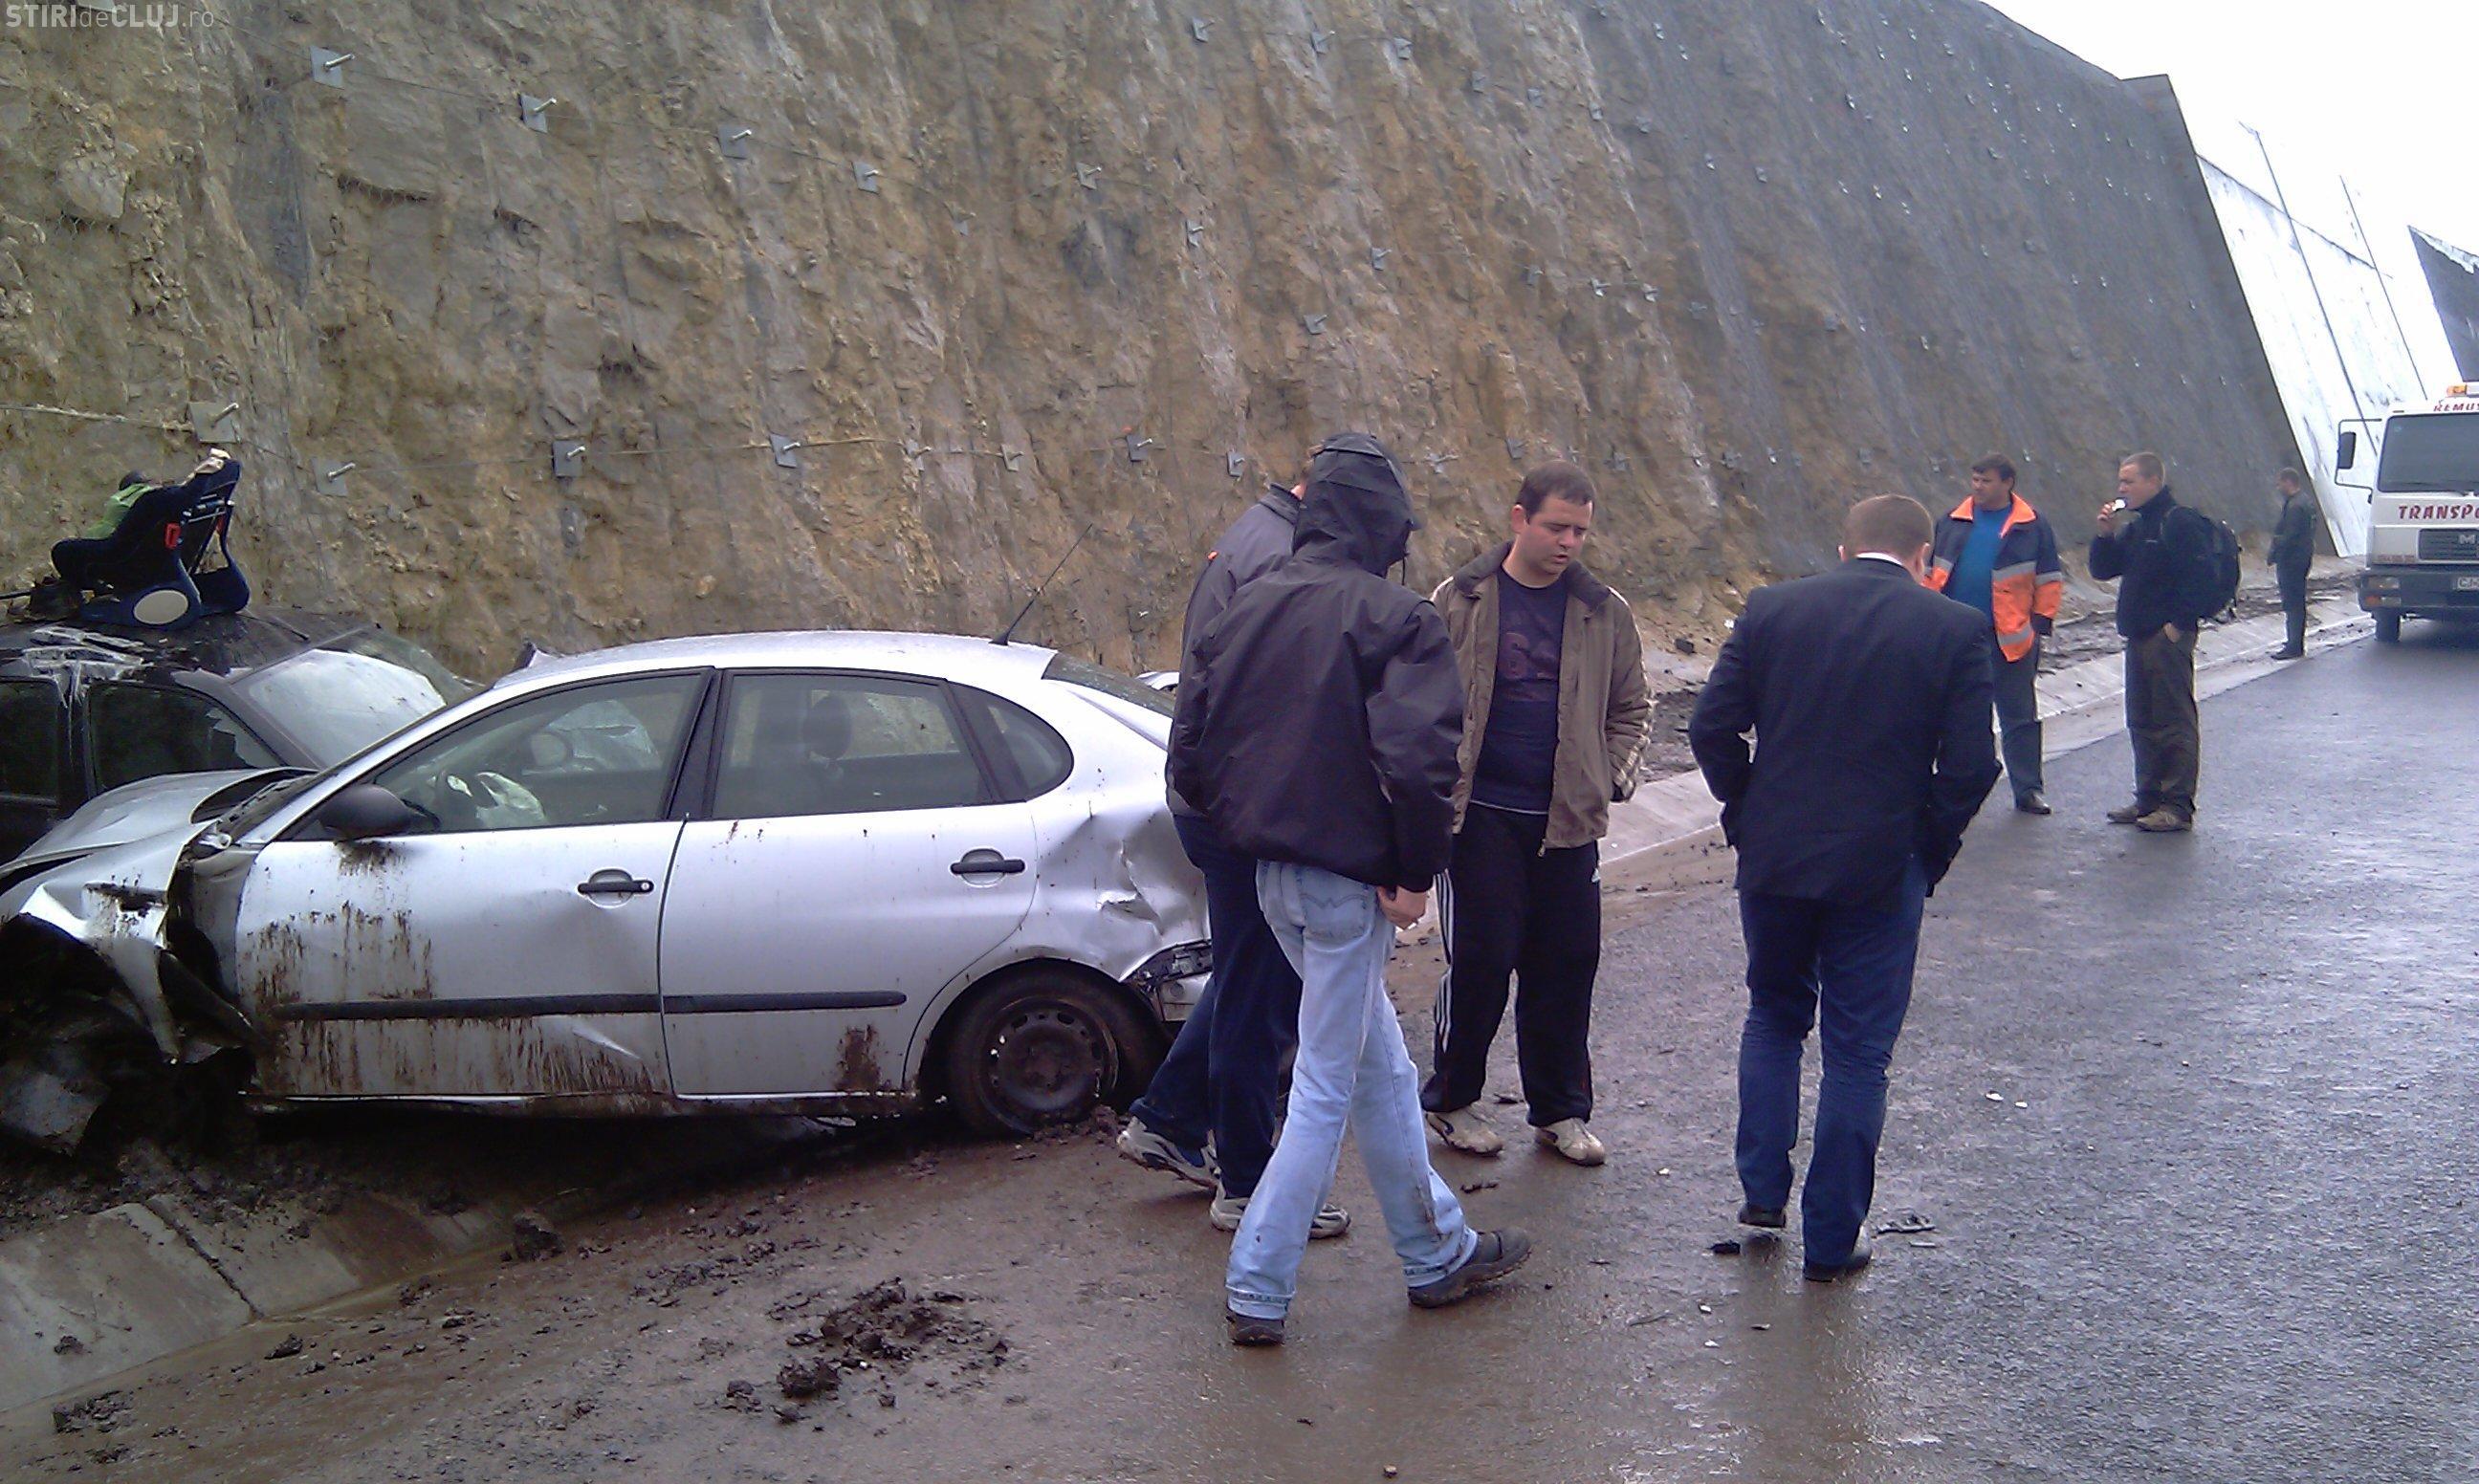 Traficul pe Autostrada Transilvania s-a reluat. 8 masini au fost avariate din cauza poleiului